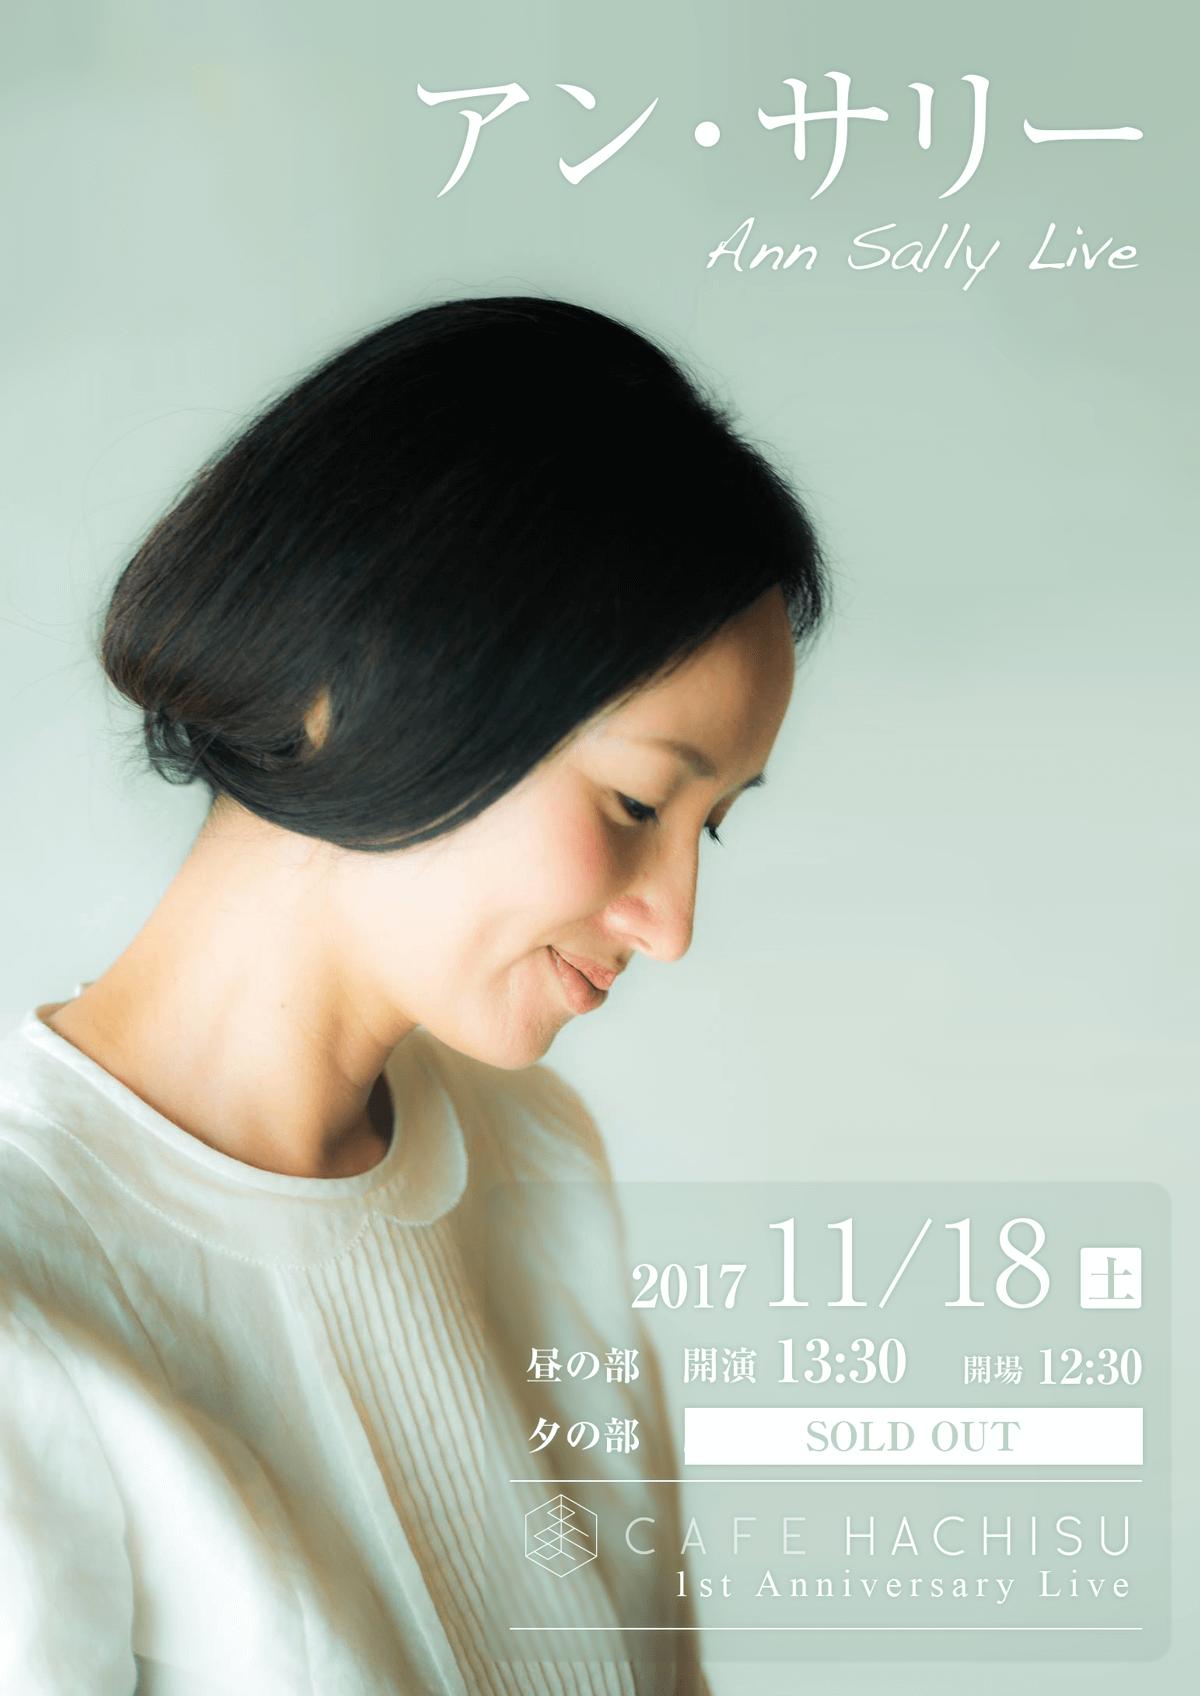 ann_sally_live_banner